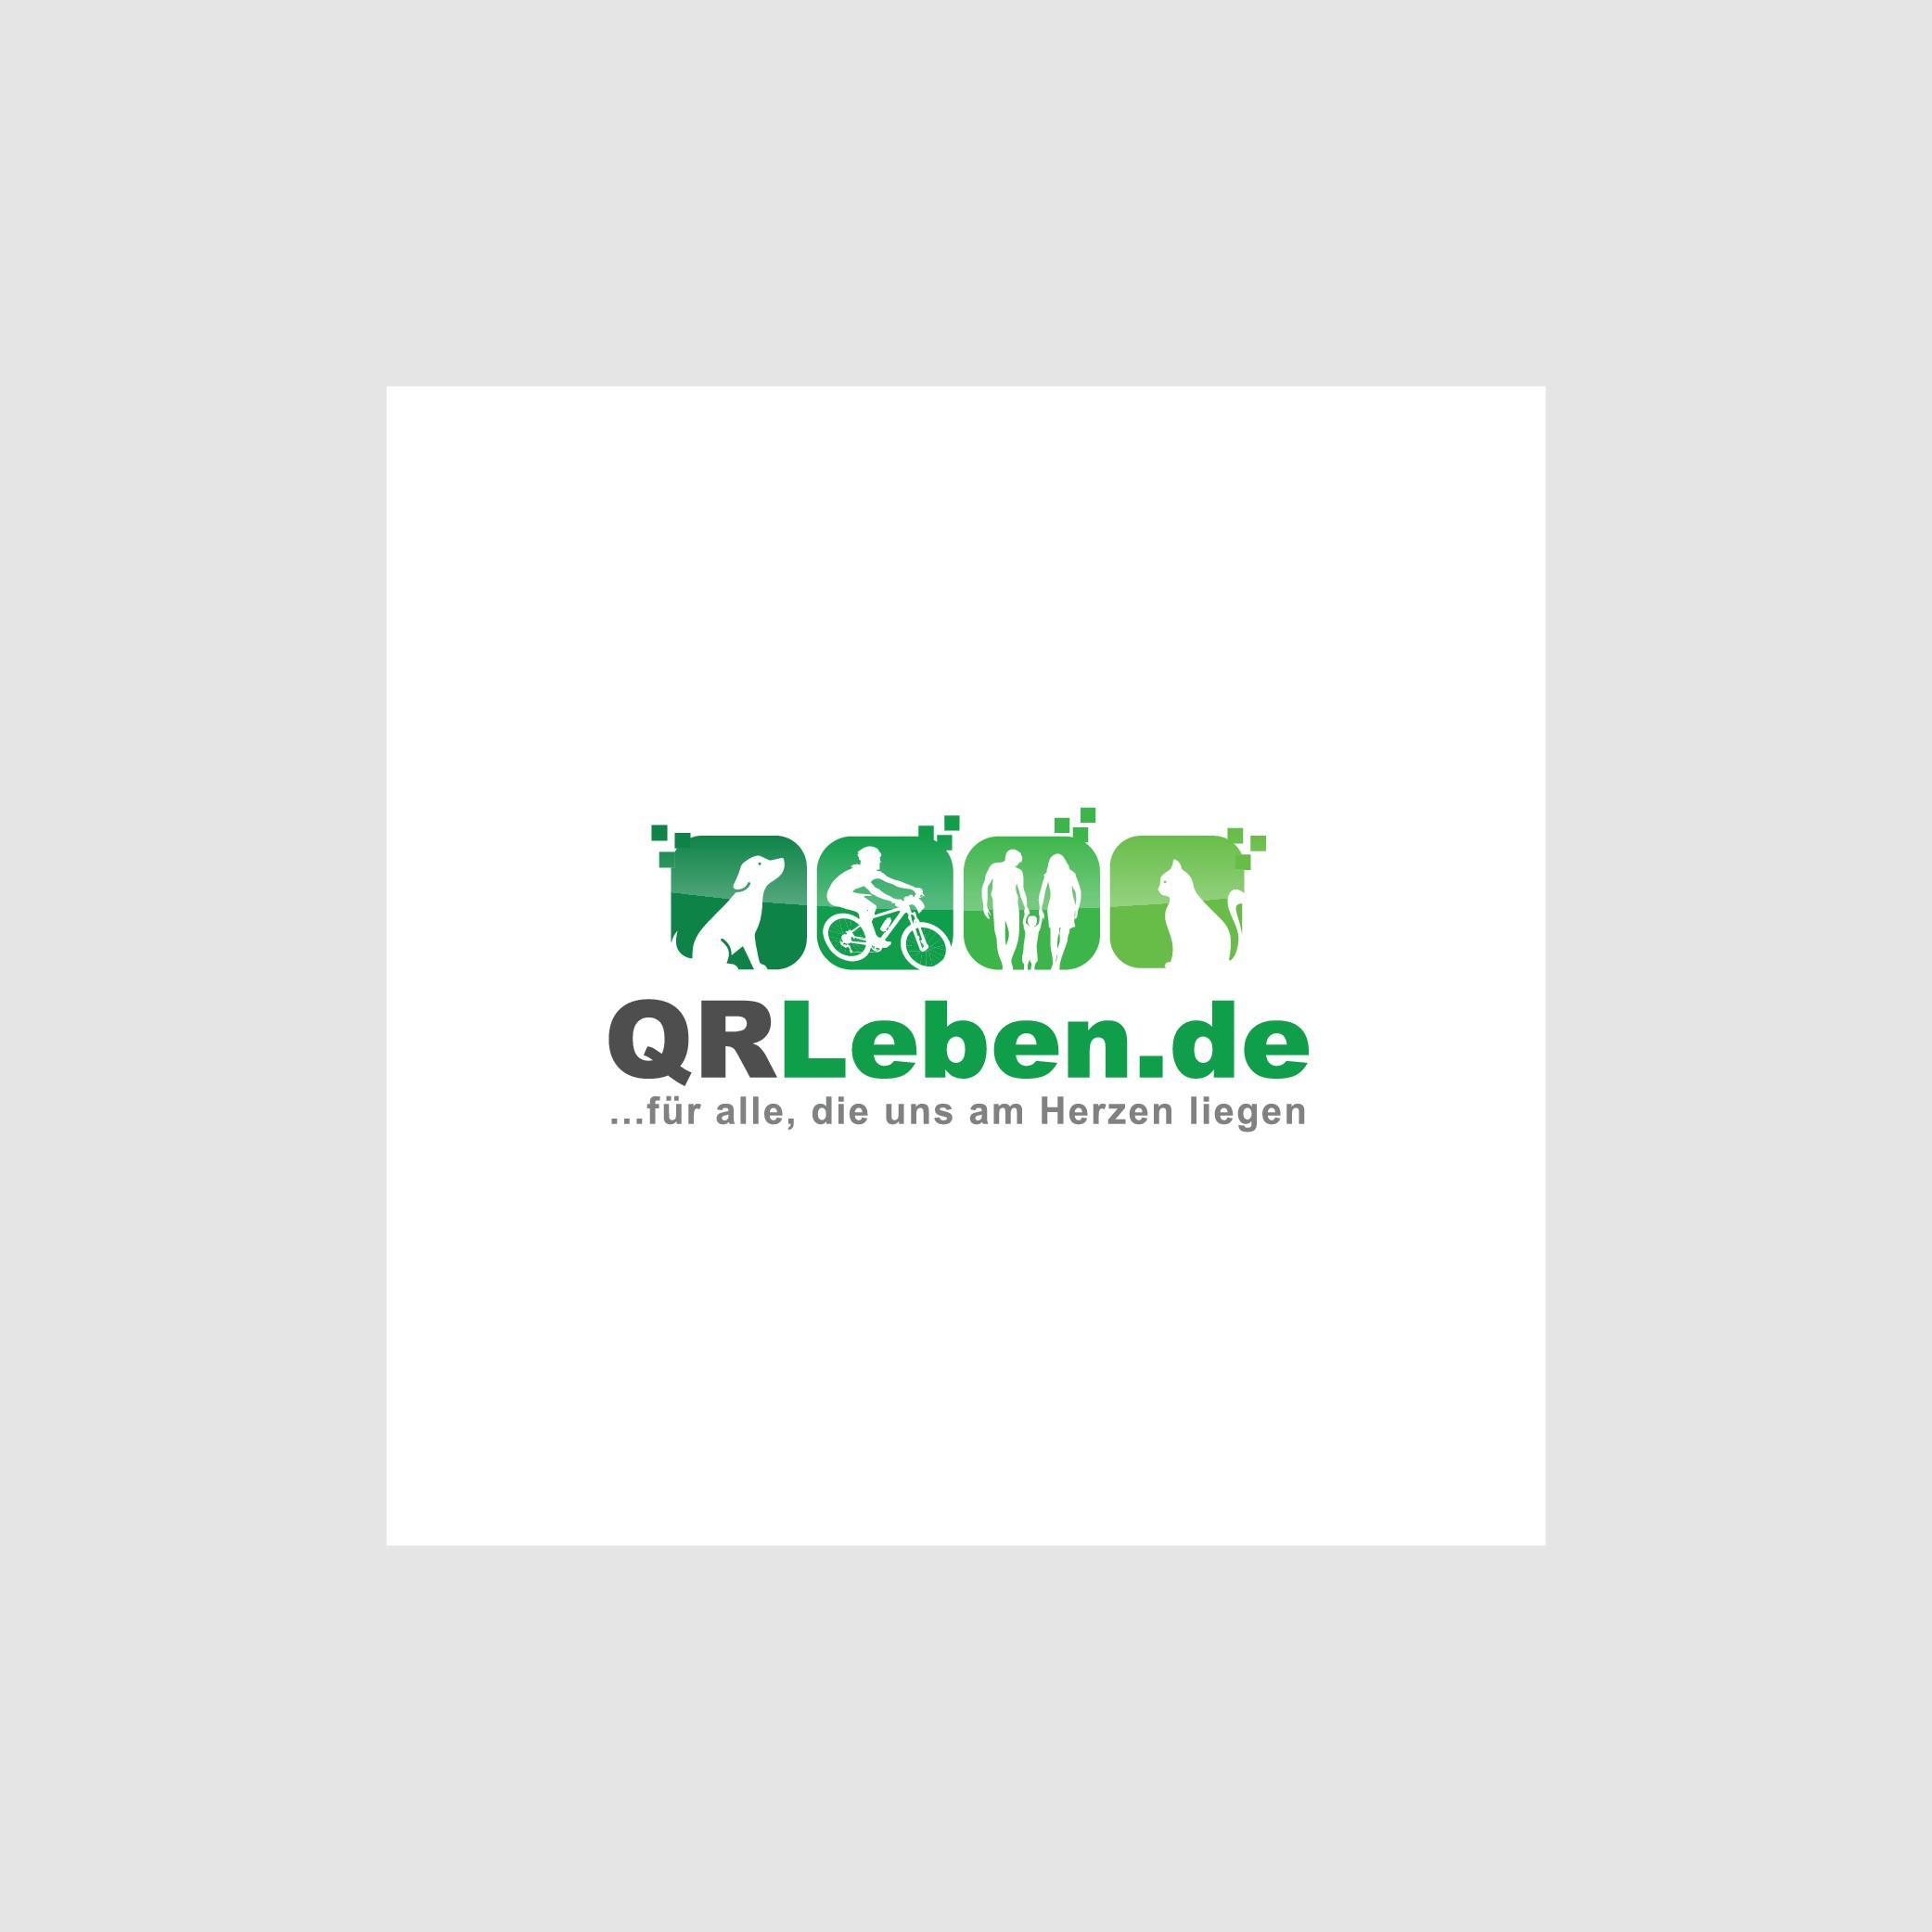 erstelle ein Logo für einen QR Code Infodienst